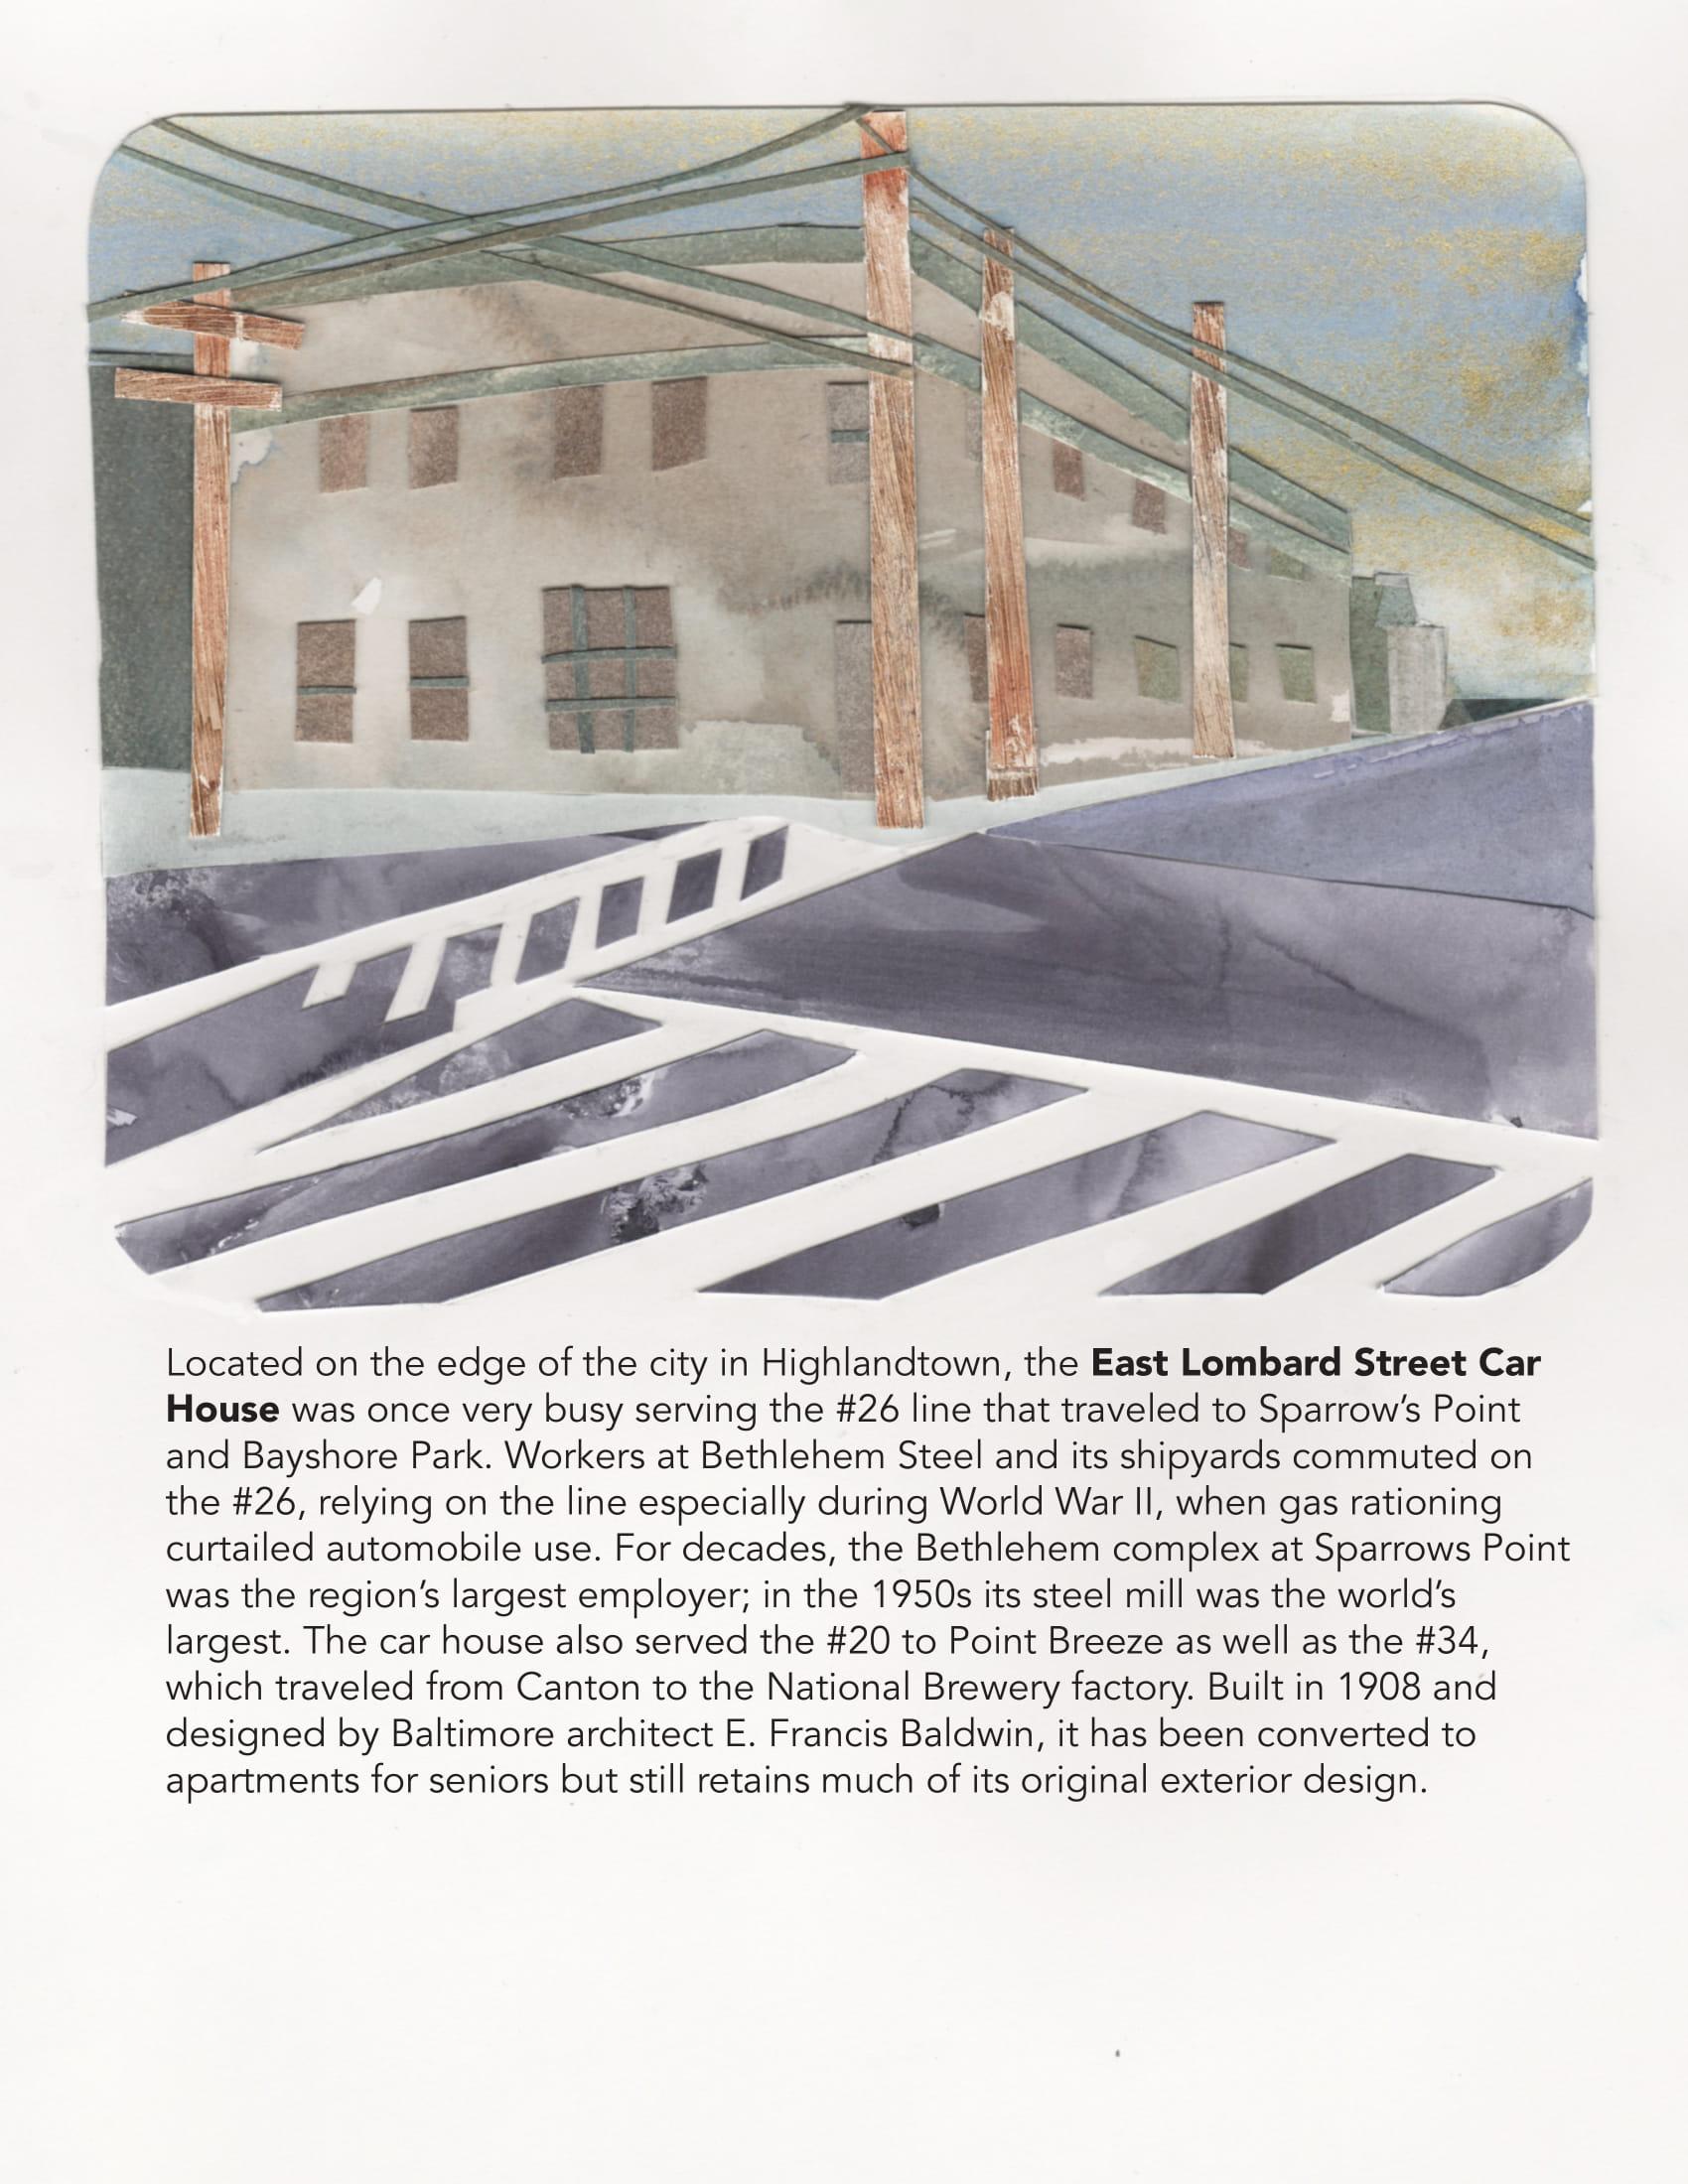 25. East Lombard Street Car House.jpg